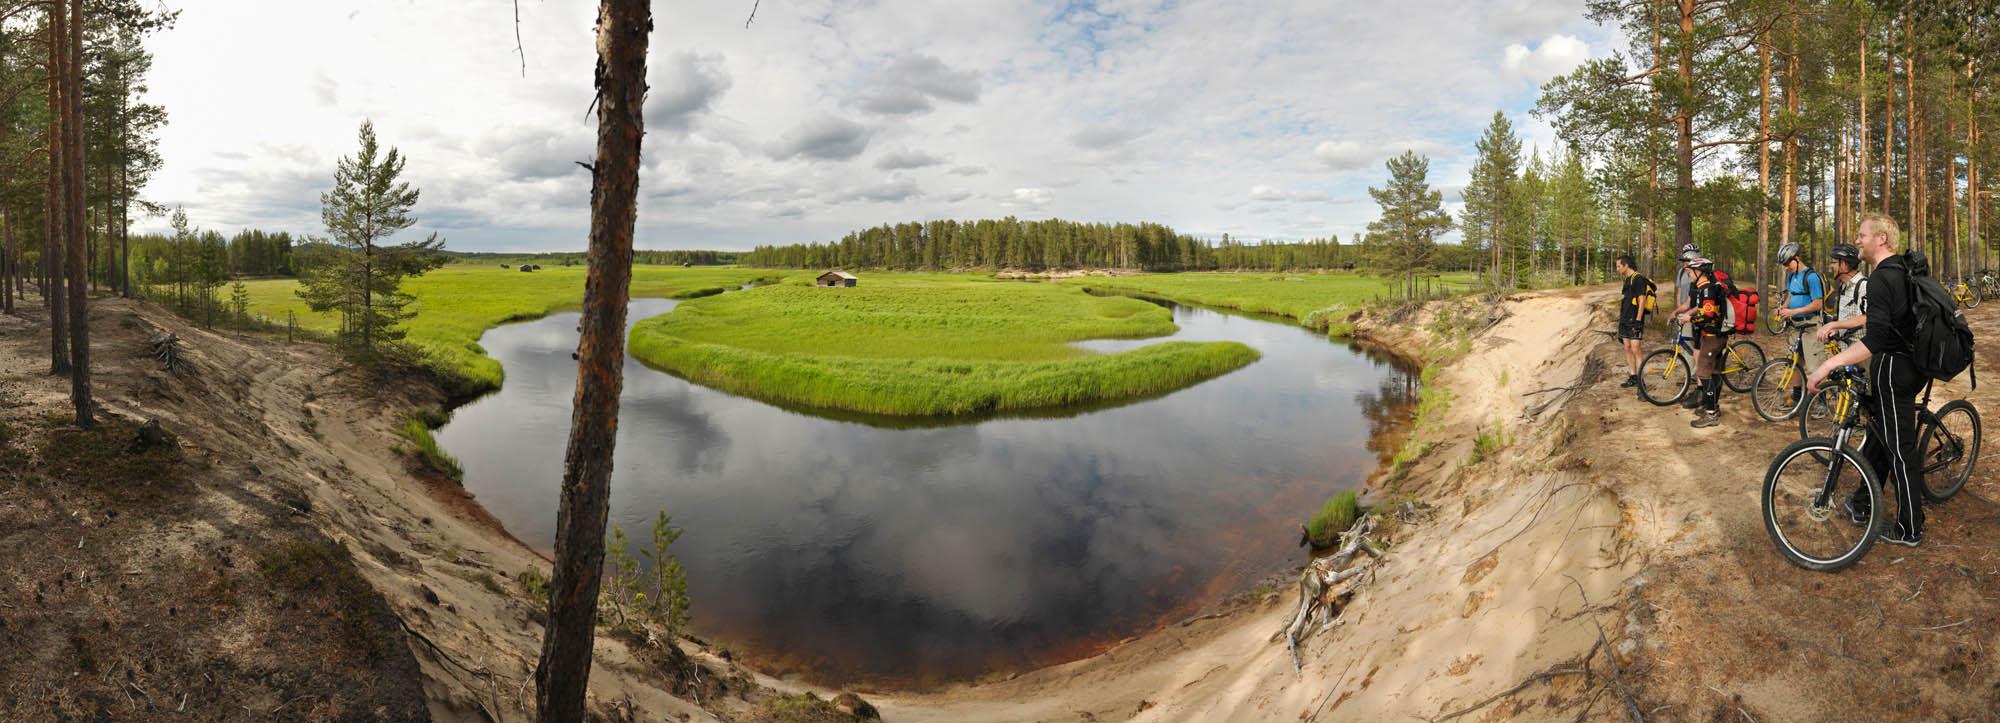 svansele_vildmarkscenter_081